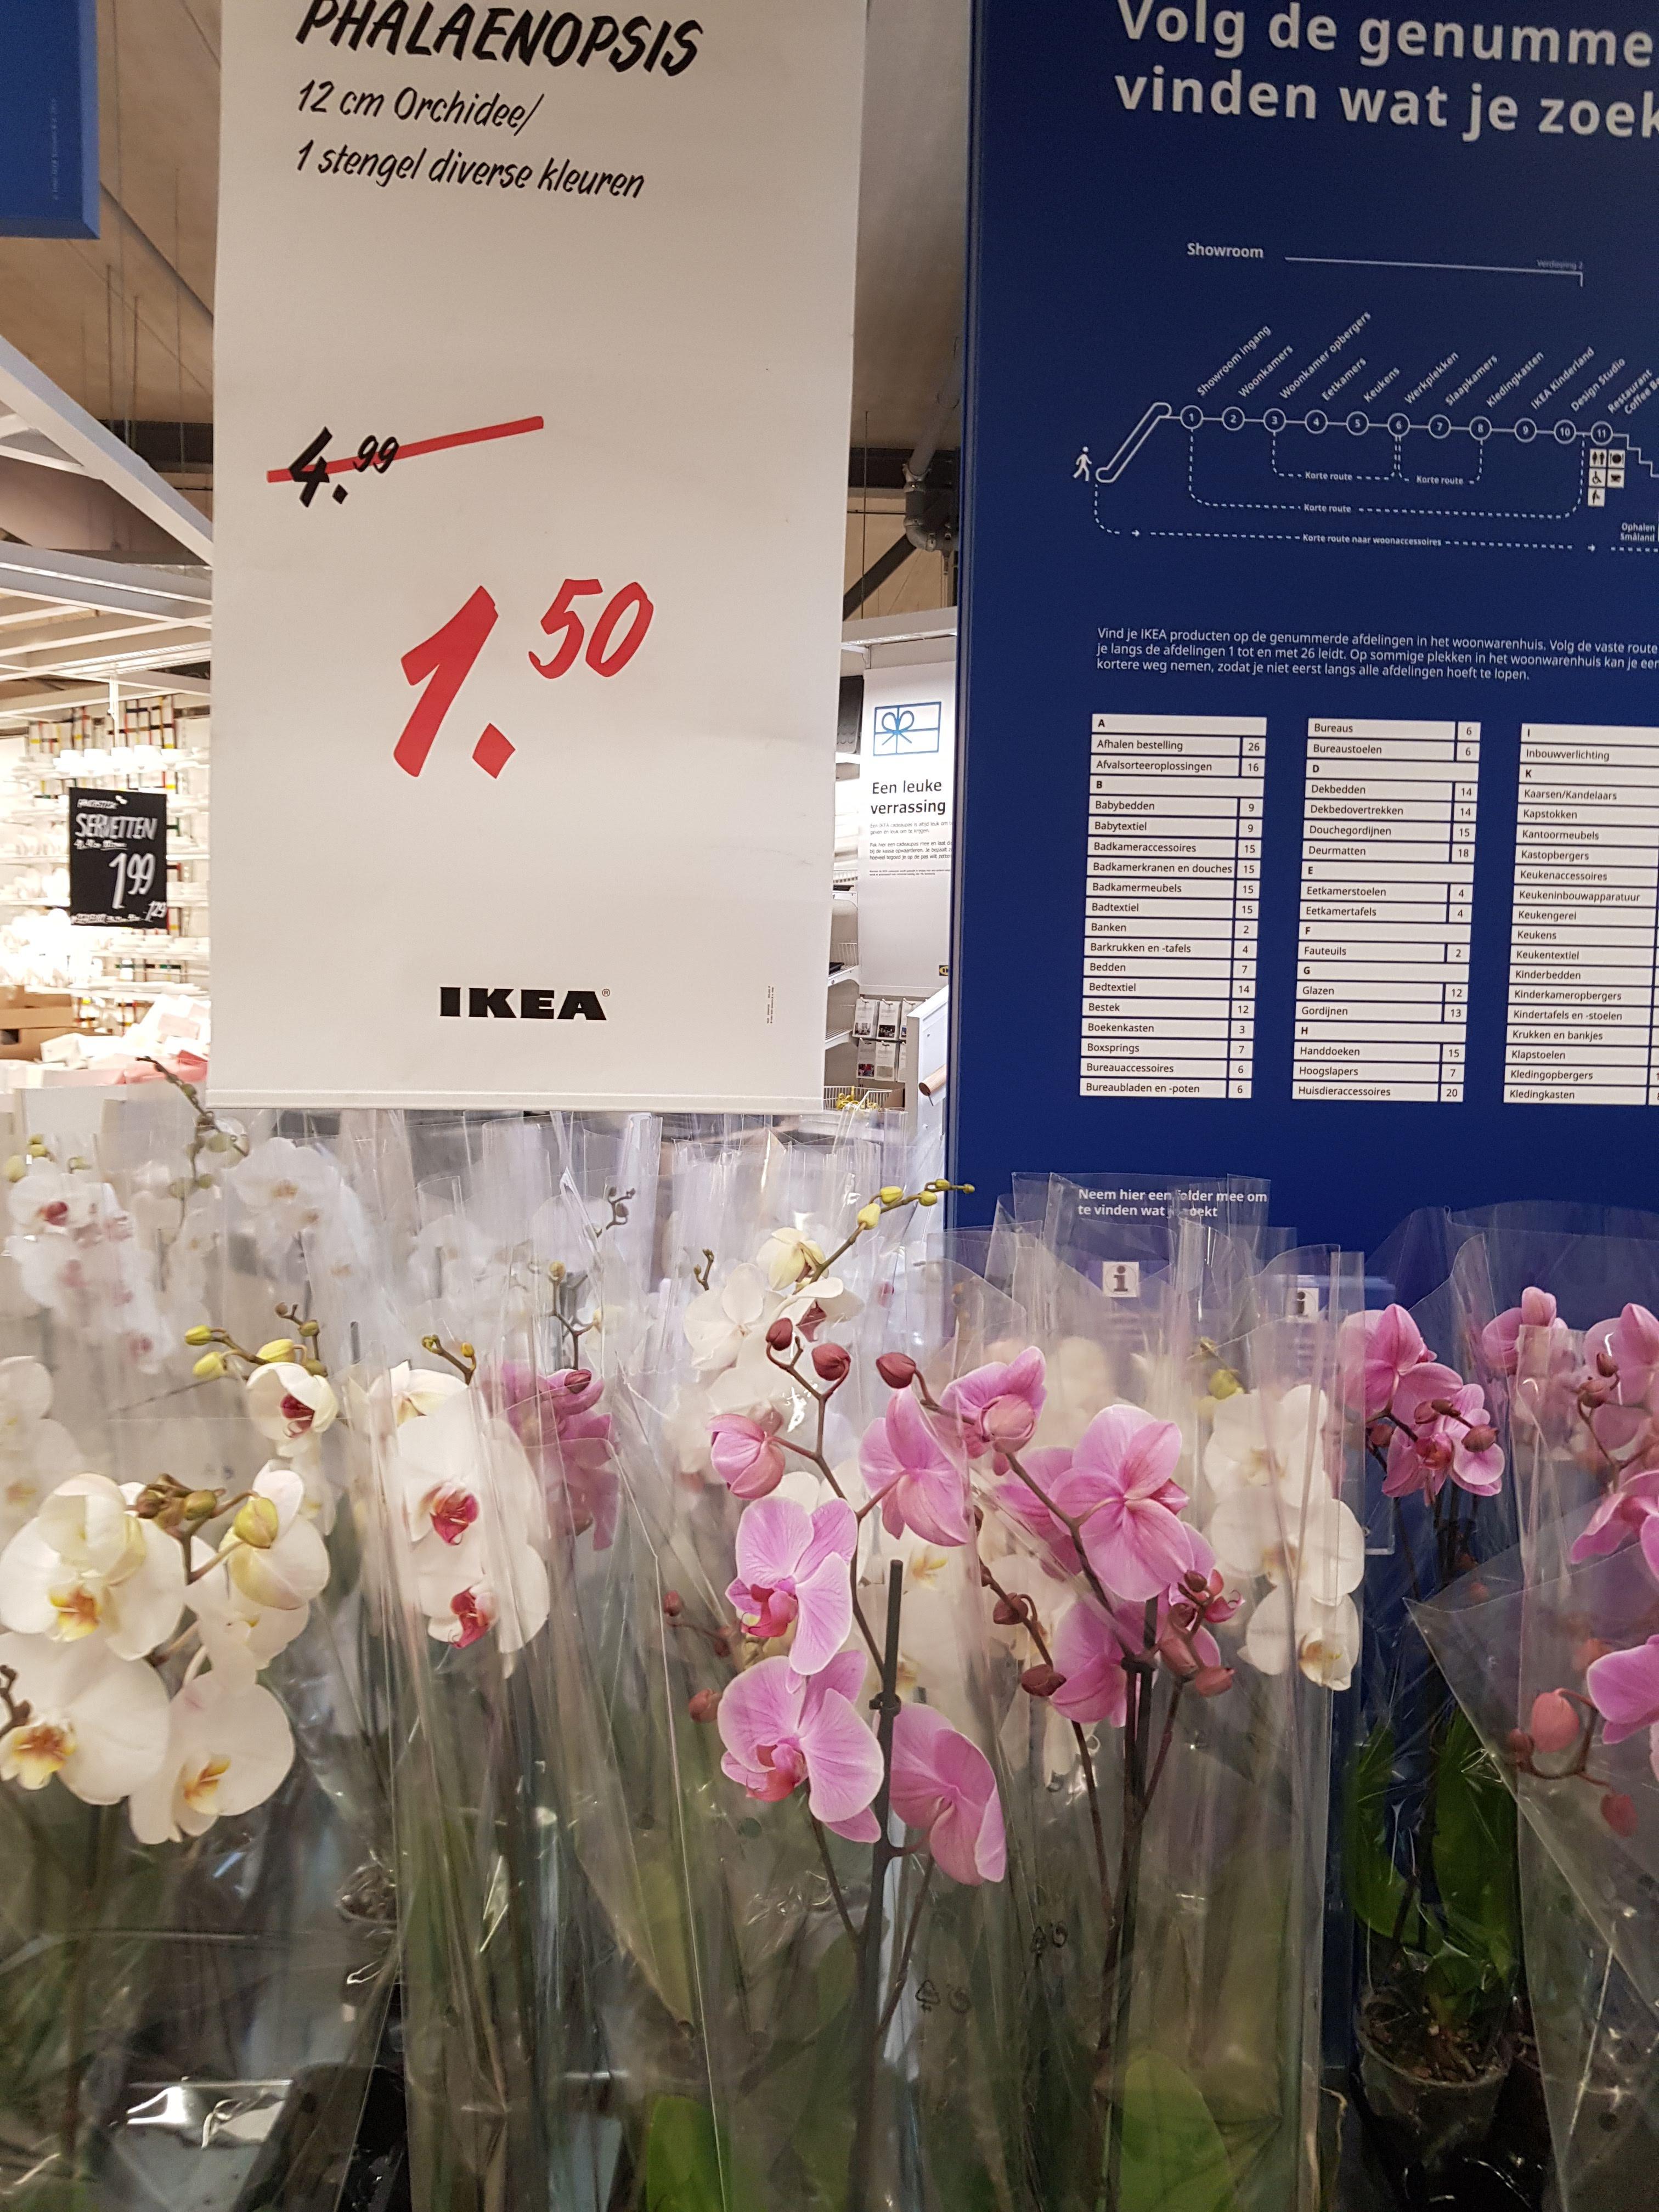 [IKEA Utrecht] Orchidee (Phalaenopsis) voor €1,50